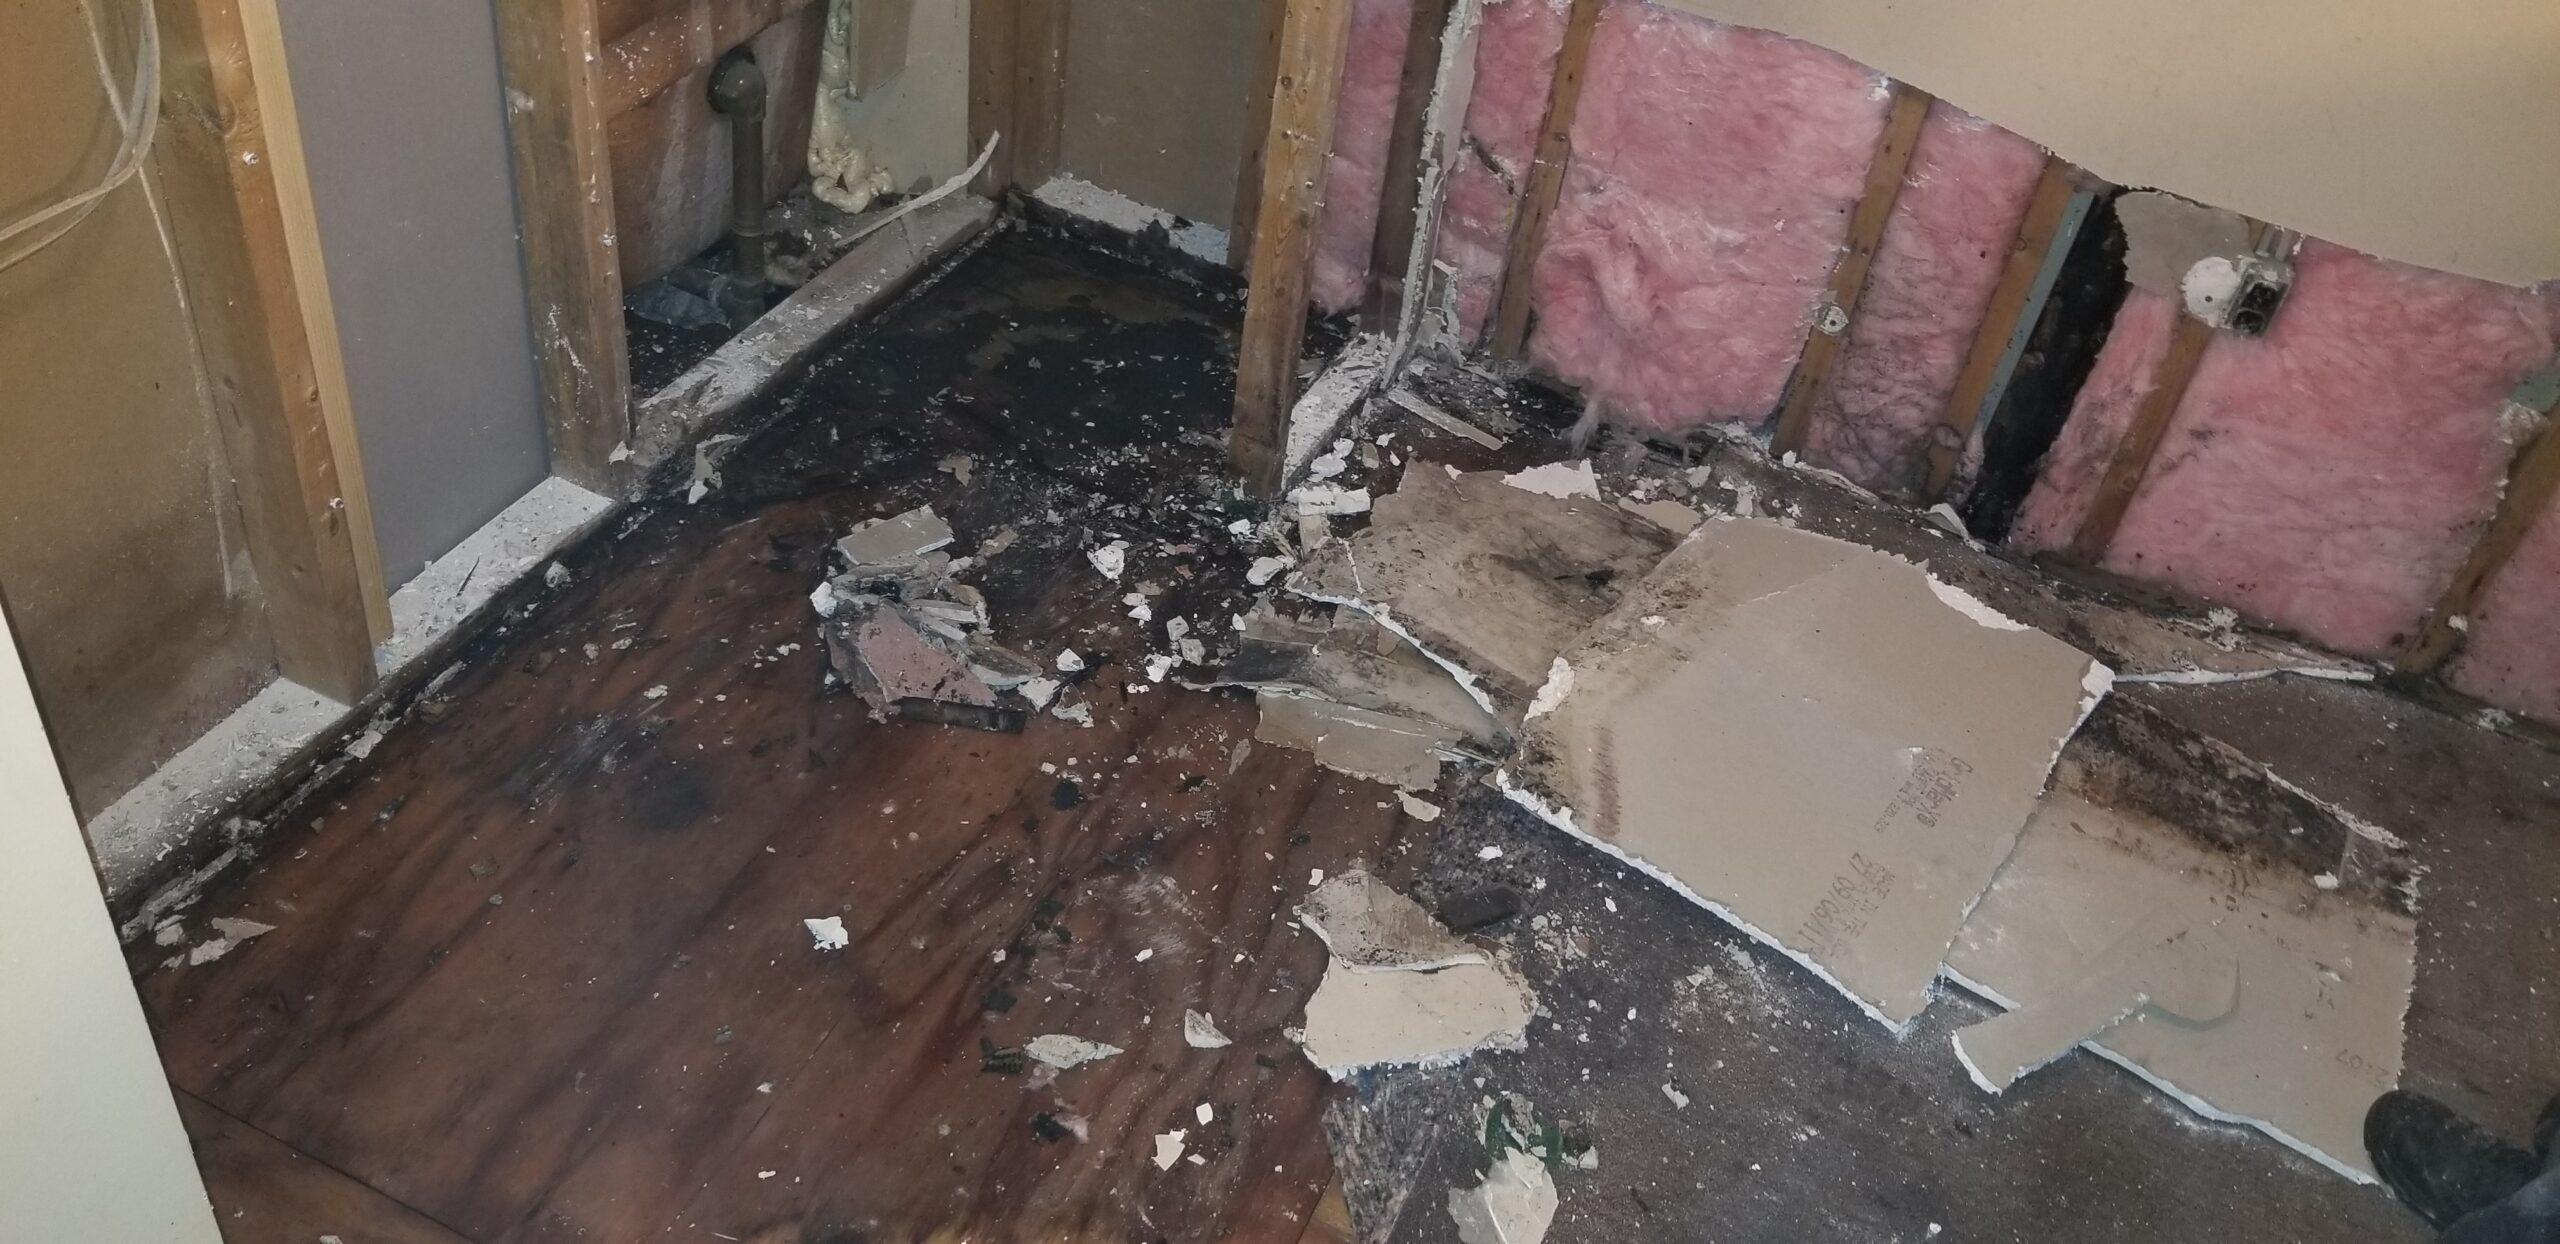 wet moldy floor